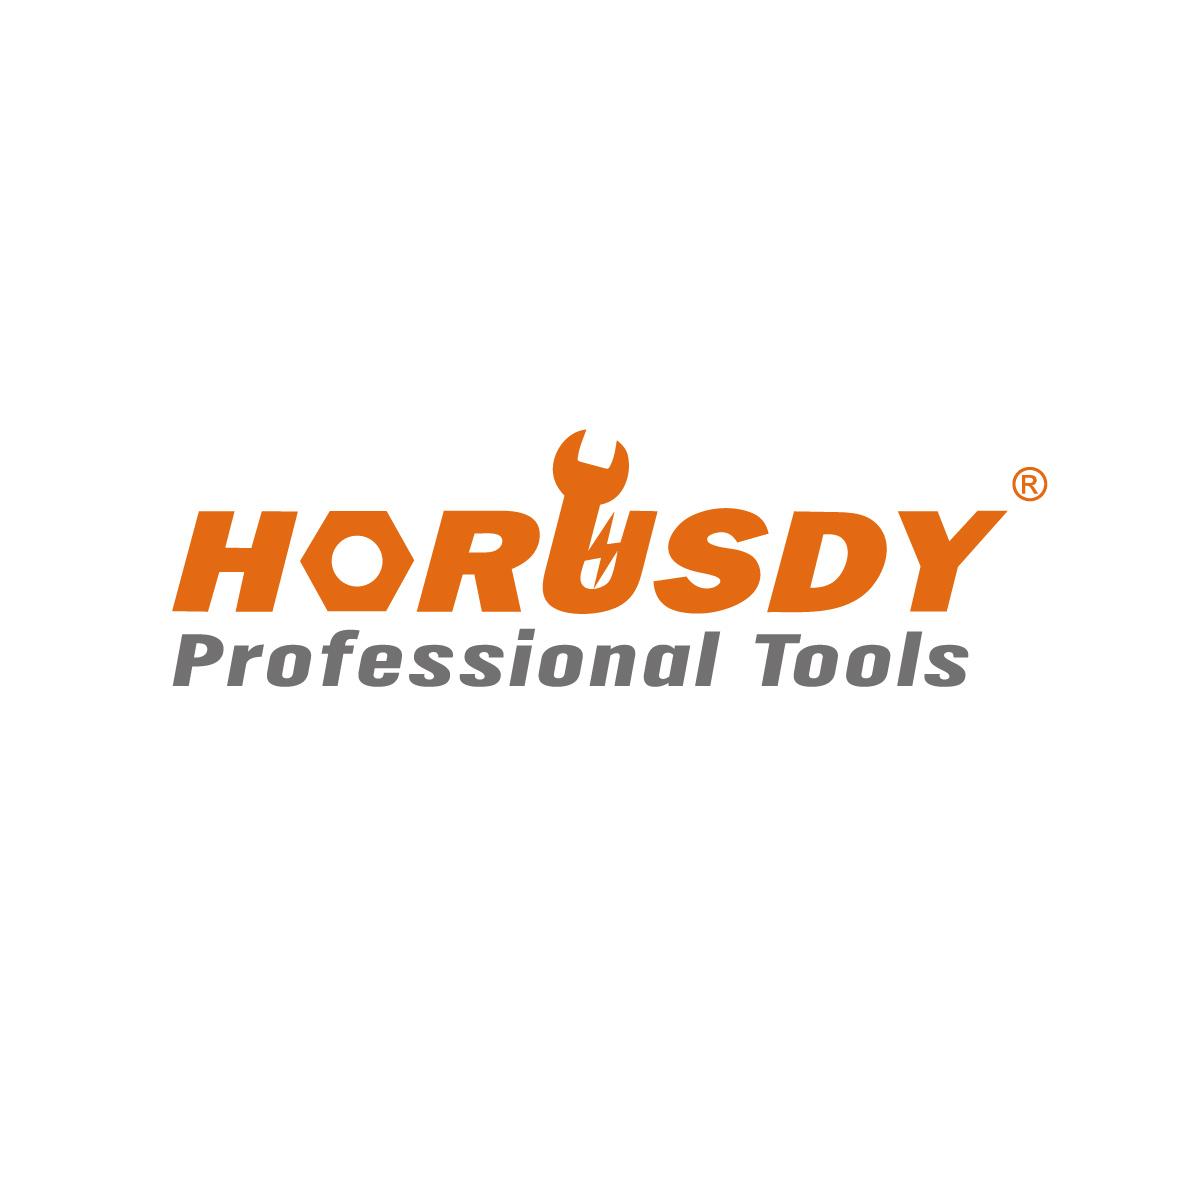 Horusdy